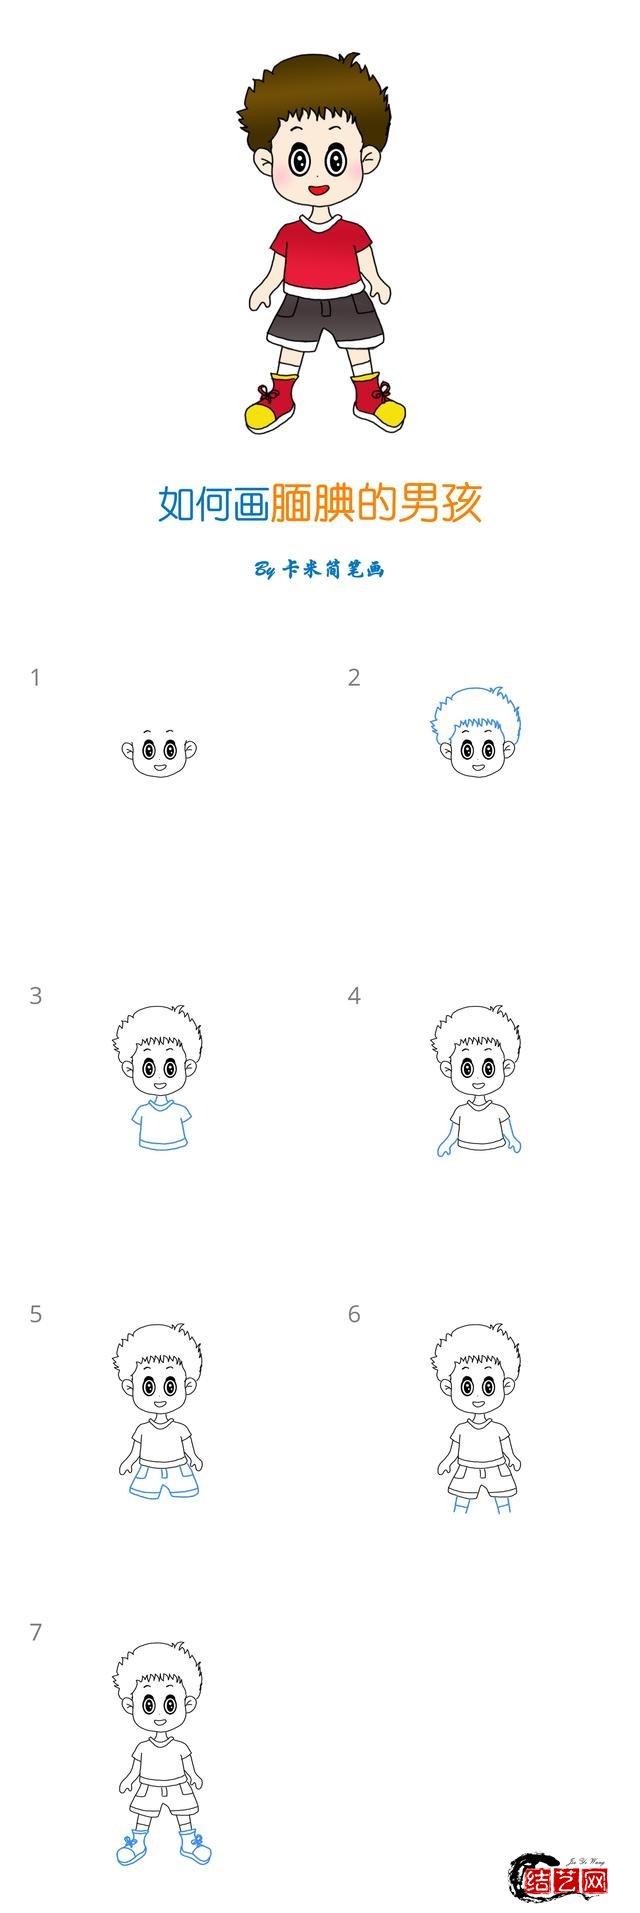 儿童节简笔画 - 十组儿童人物简笔画